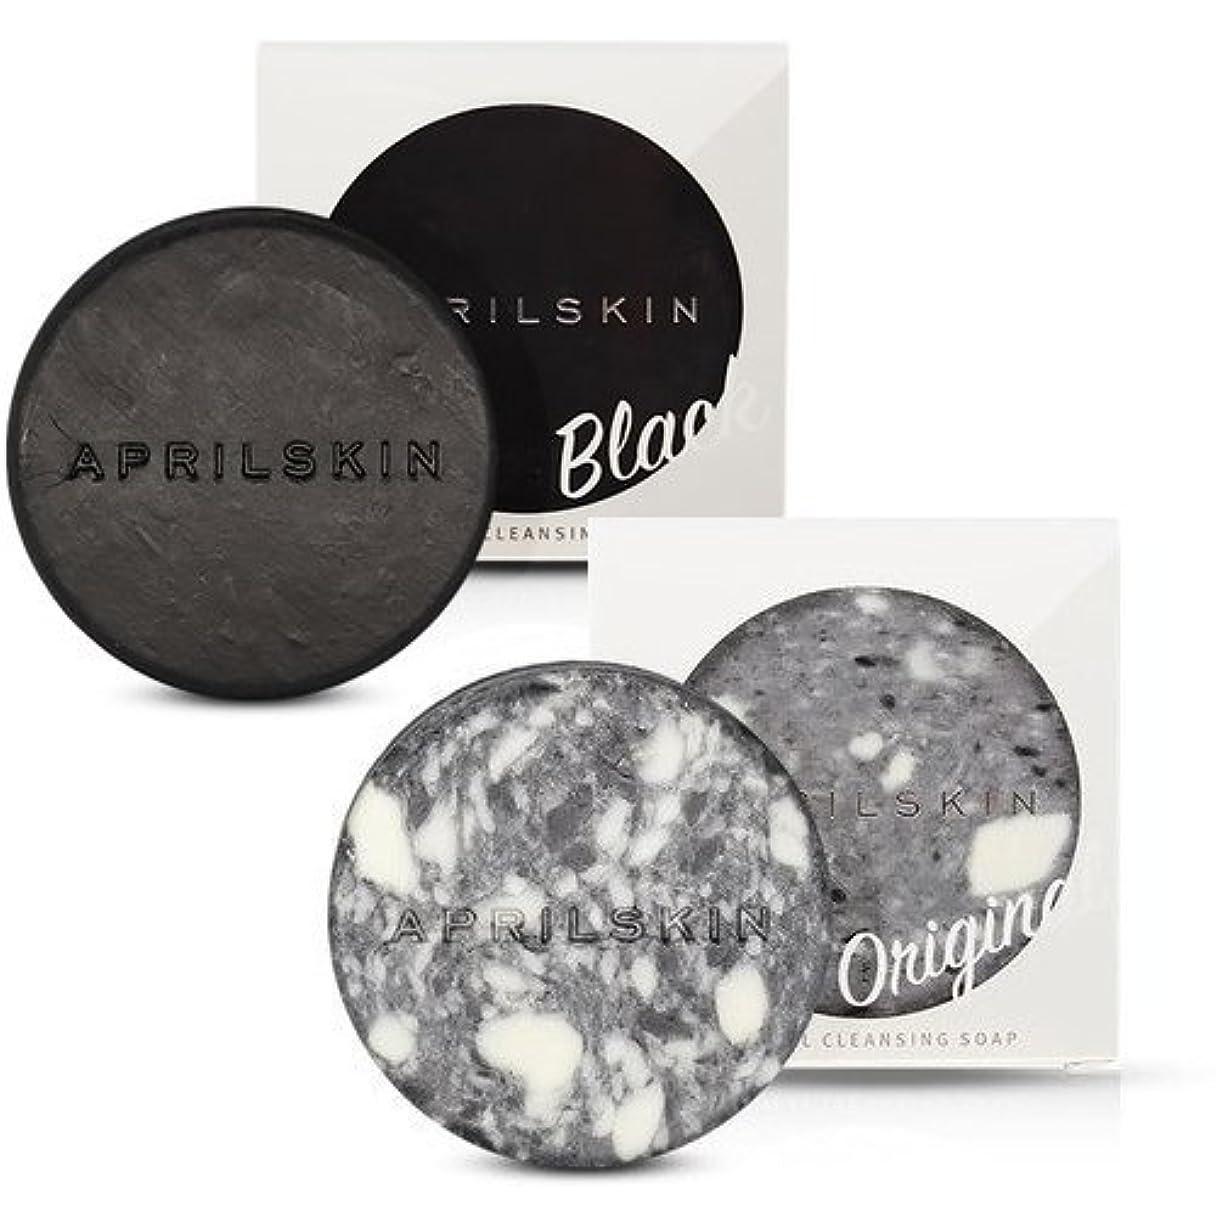 地域予見する予見する[1+1][APRILSKIN] エイプリルスキン国民石鹸 (APRIL SKIN マジックストーンのリニューアルバージョン新発売) (ORIGINAL+BLACK) [並行輸入品]